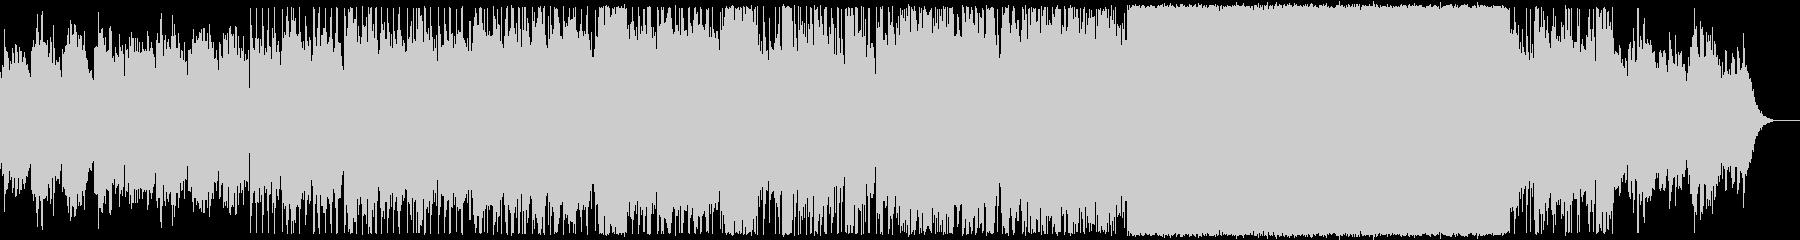 アンビエント/透明/優しい/風/電子音の未再生の波形